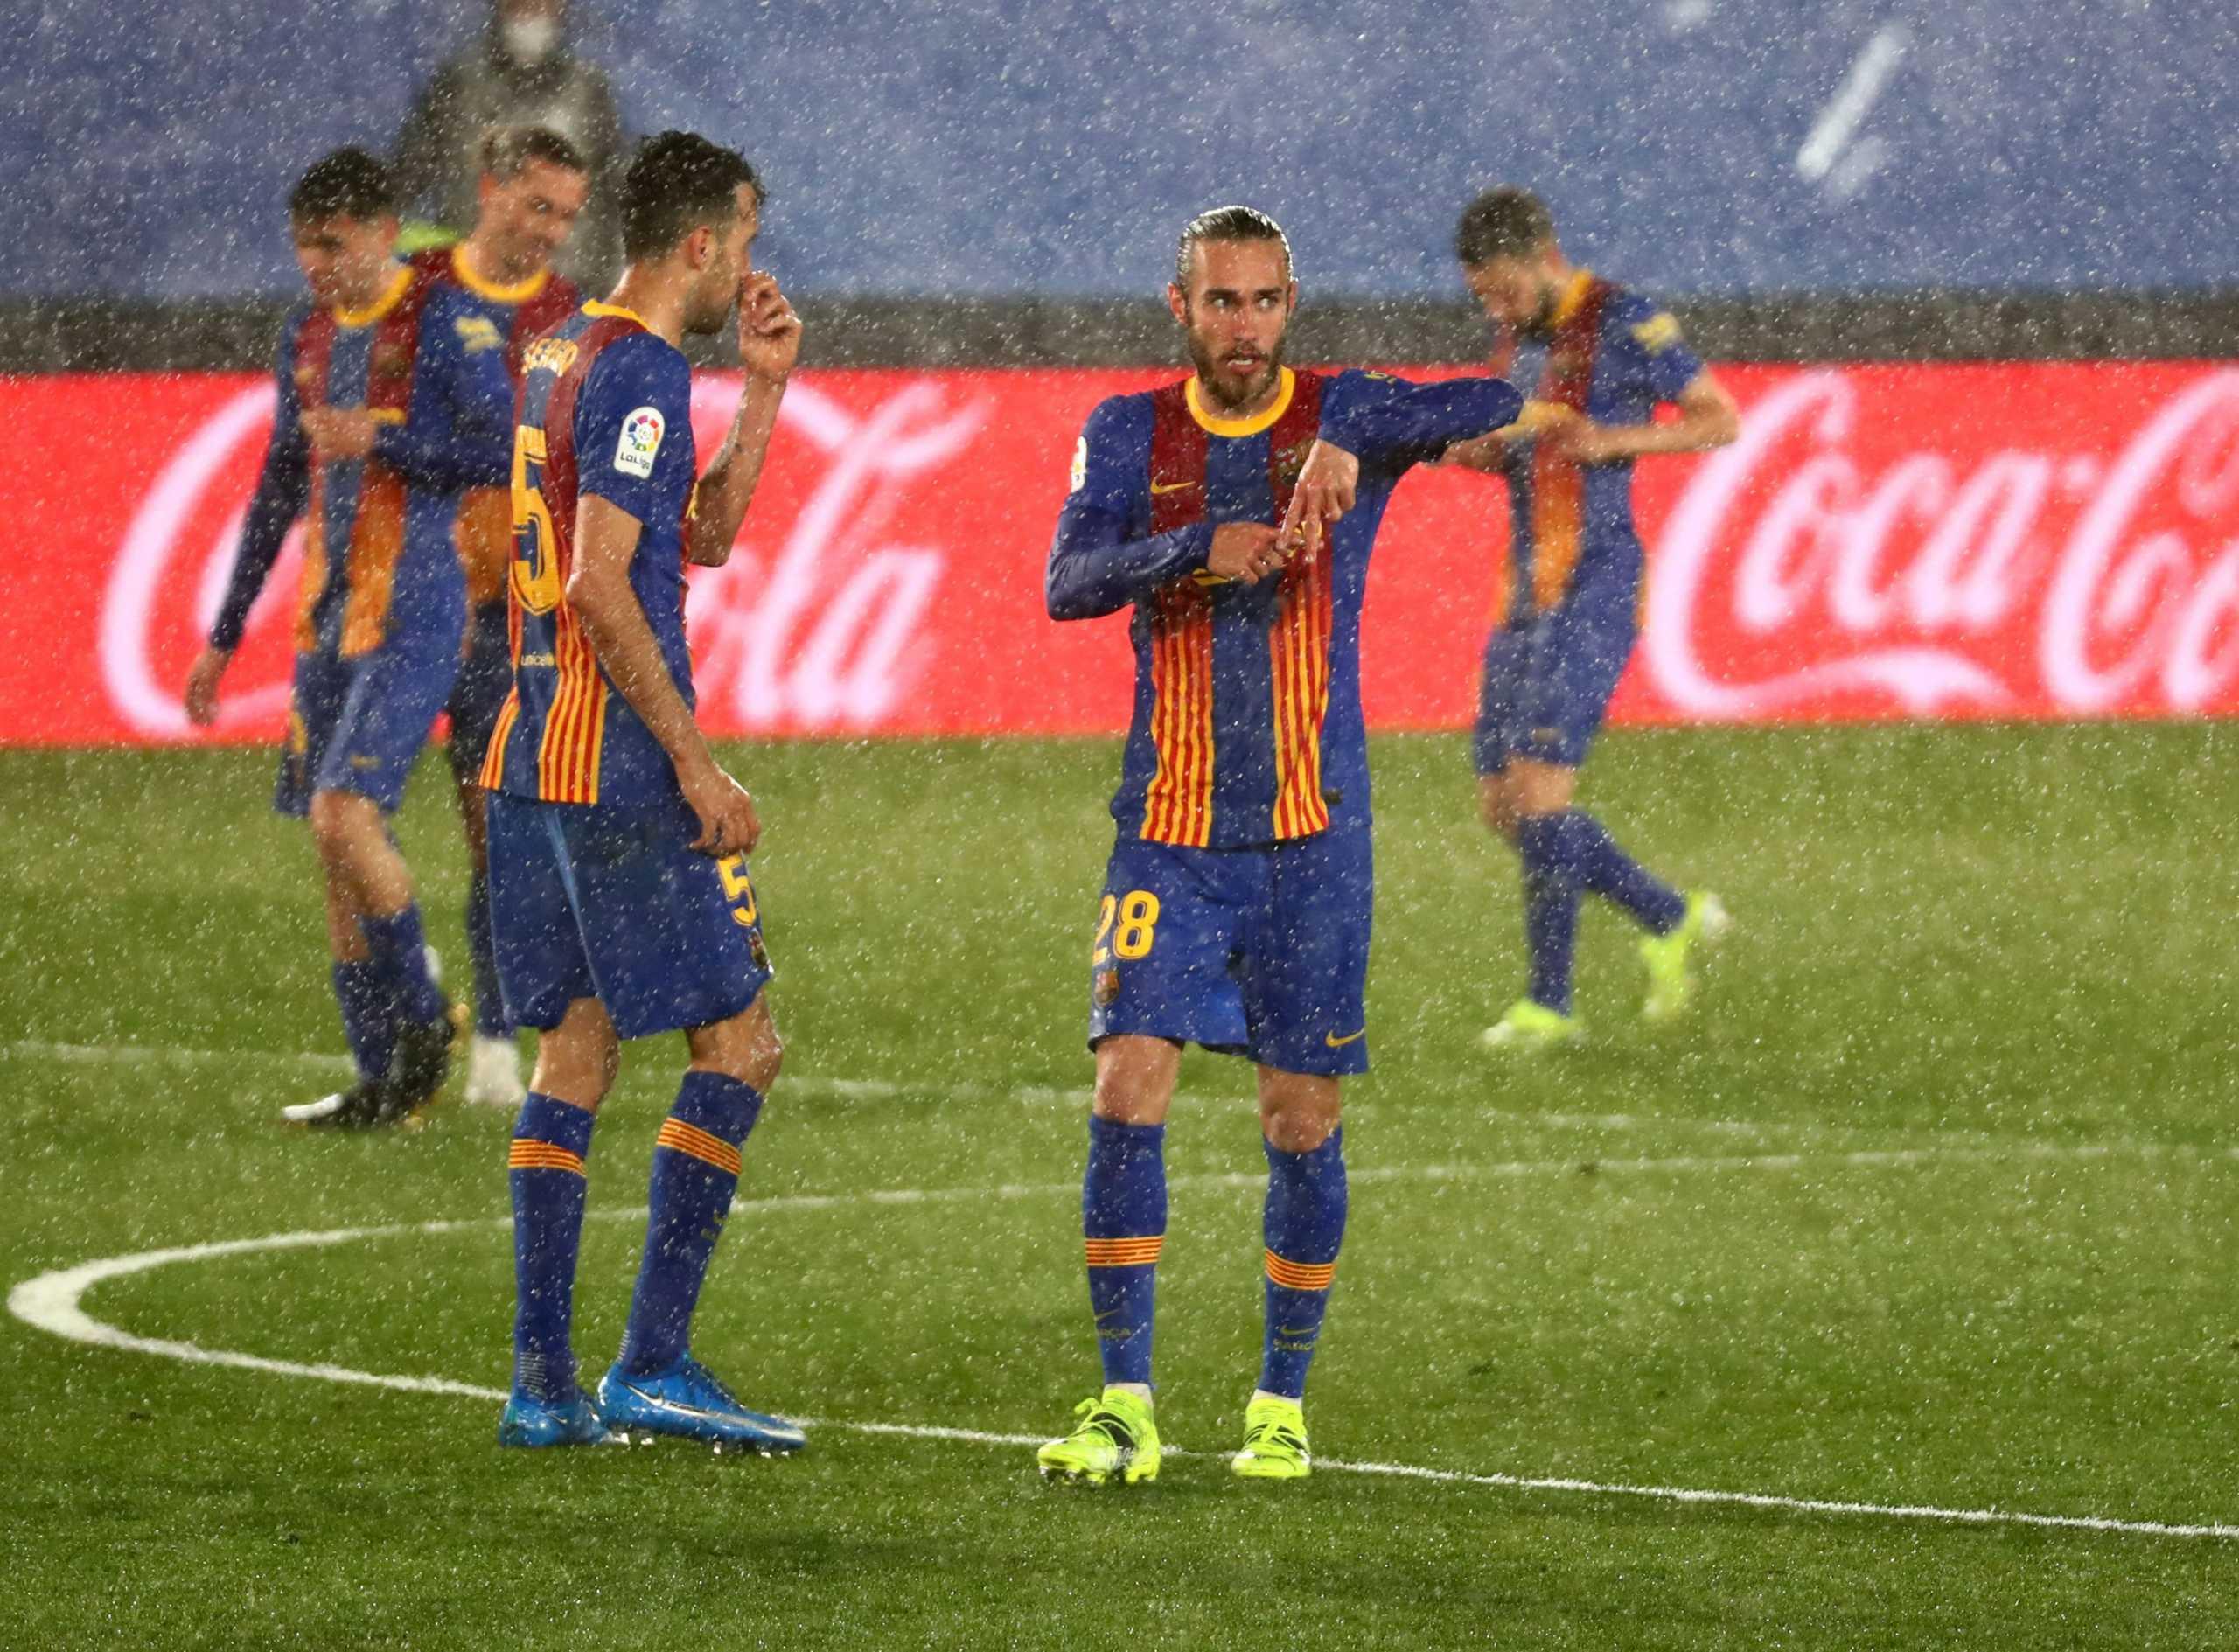 Ρεάλ – Μπαρτσελόνα: Ο Μινγκέθα έβαλε με το καλάμι στο παιχνίδι τους Καταλανούς (video)